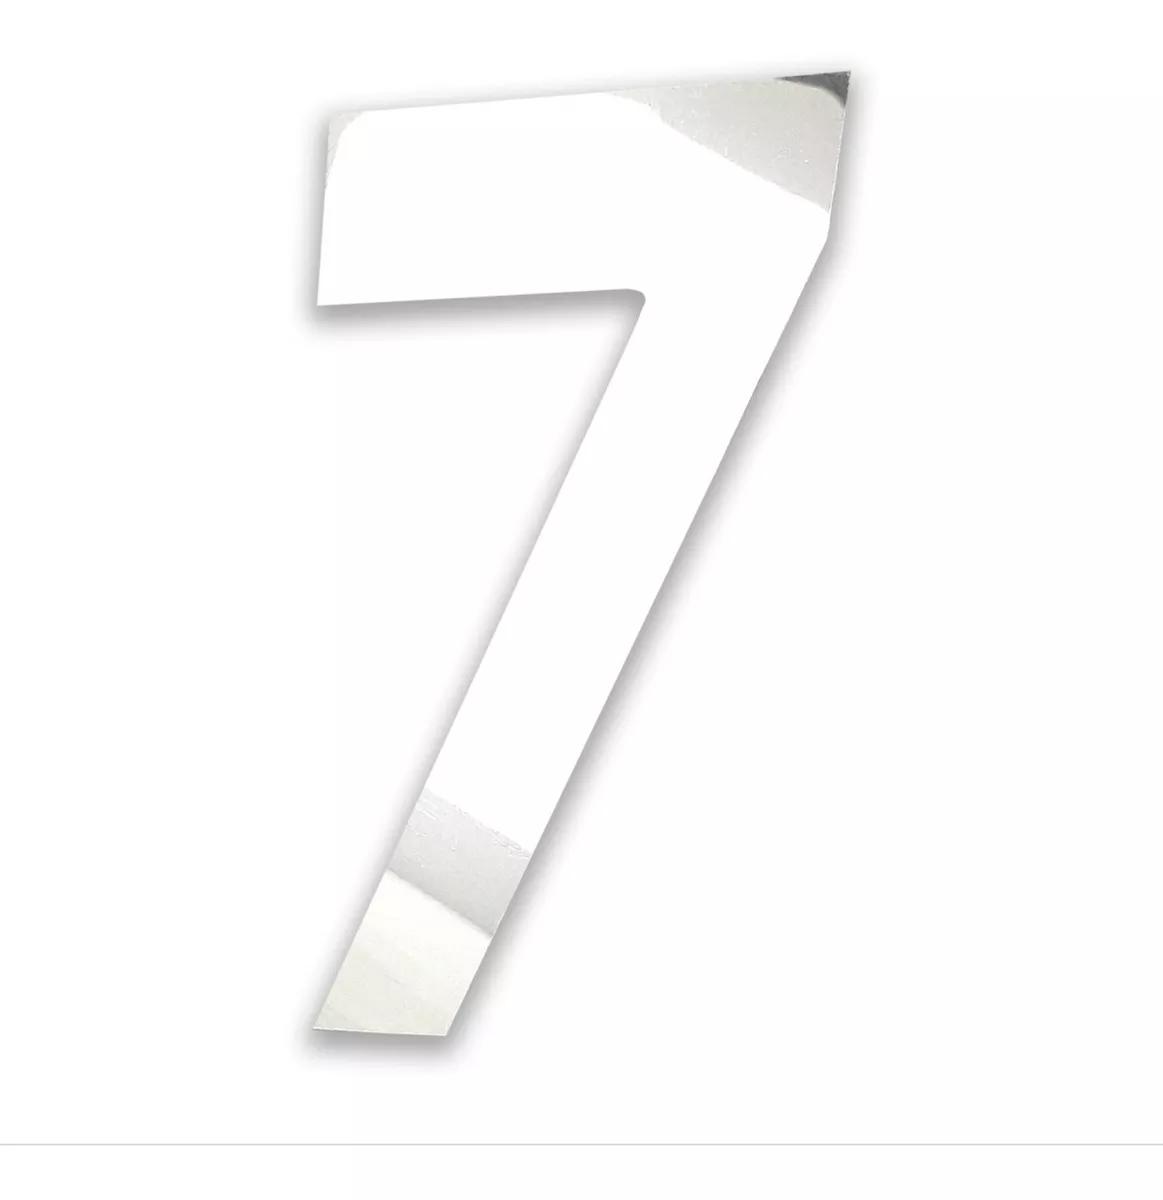 Número Residencial Em Inox Polido Alto Brilho Dupla Face